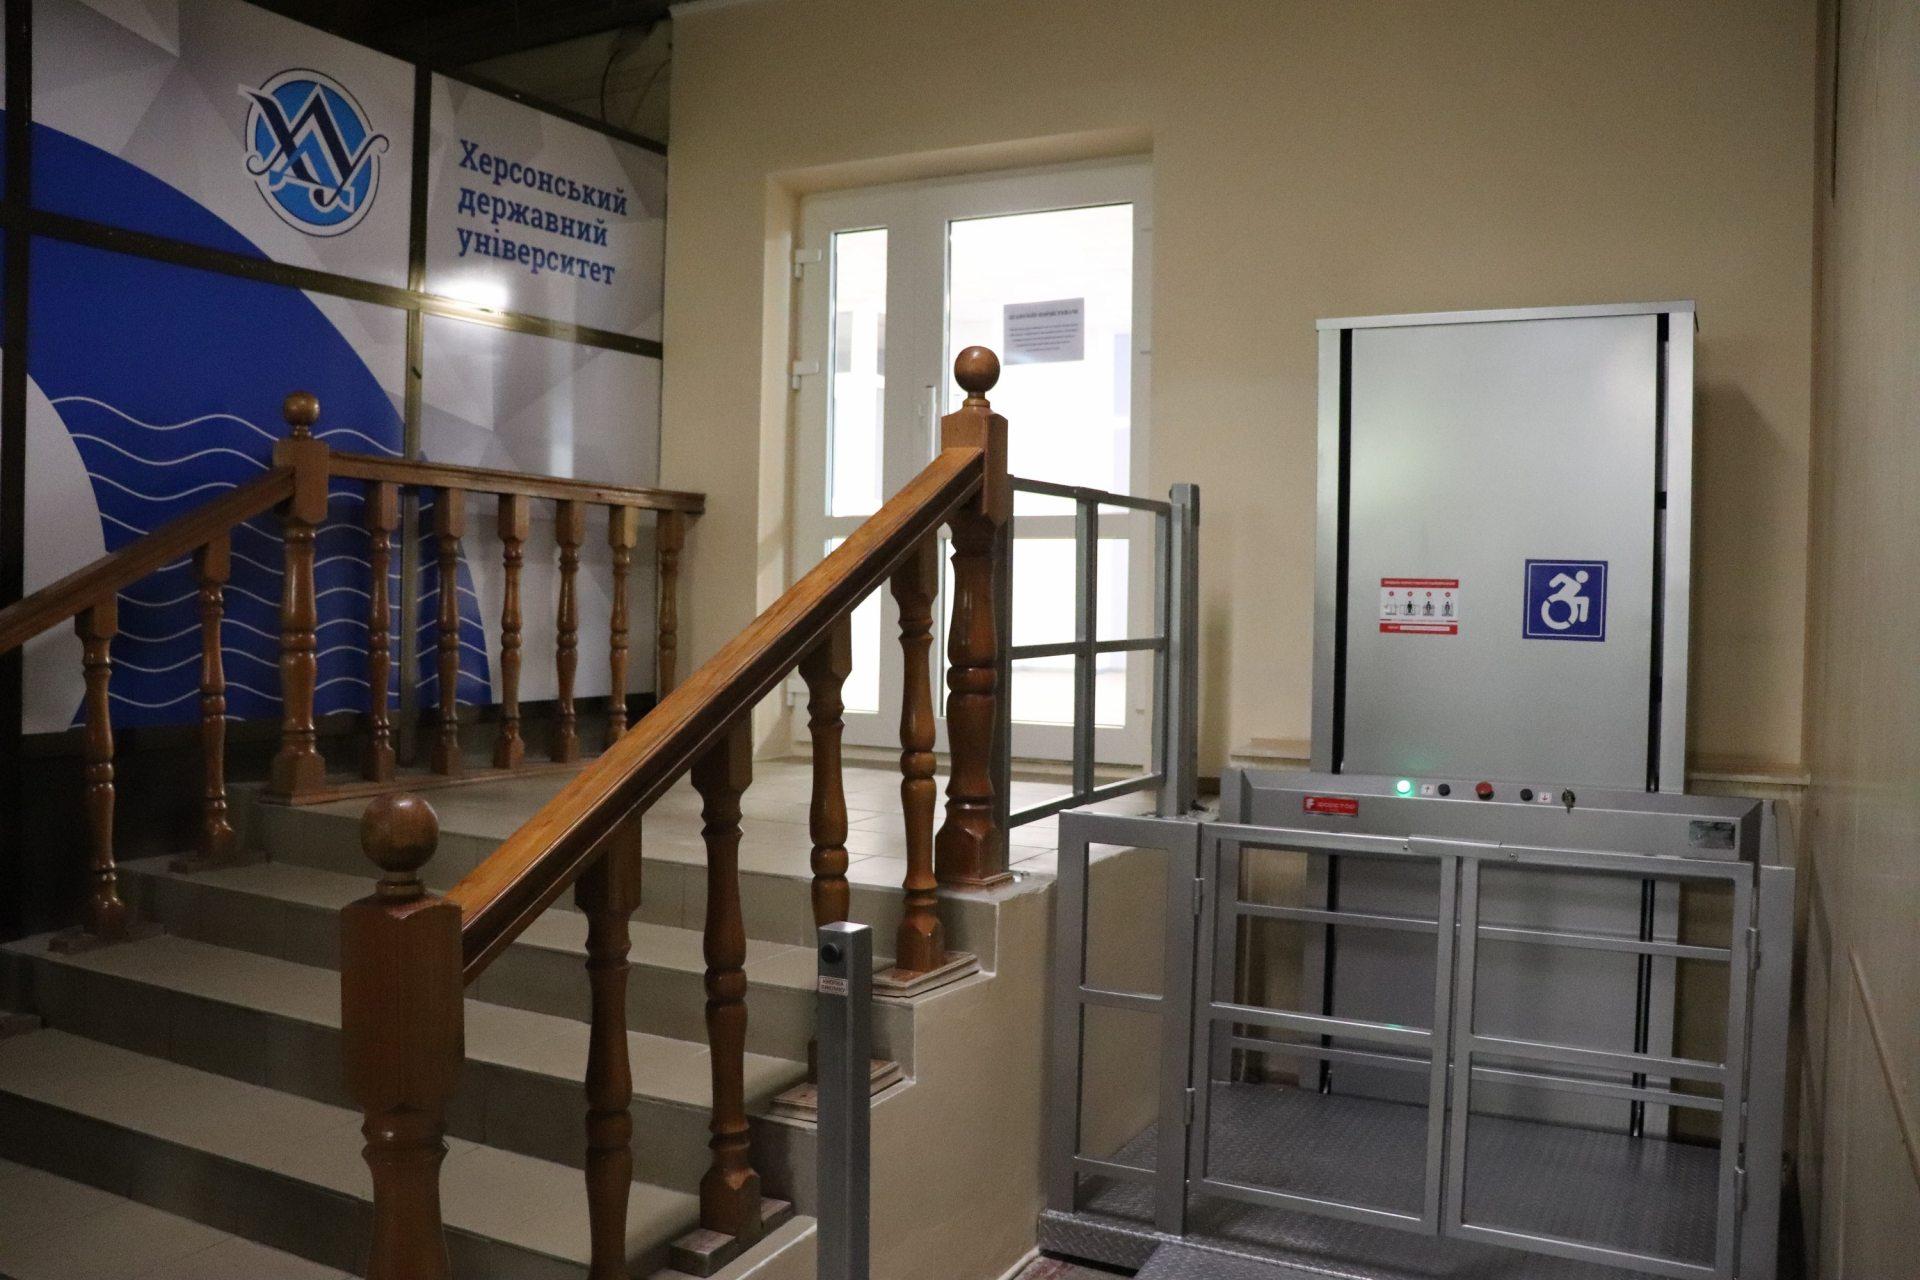 Херсонський держуніверситет відкриває доступ до освітньої інфраструктури